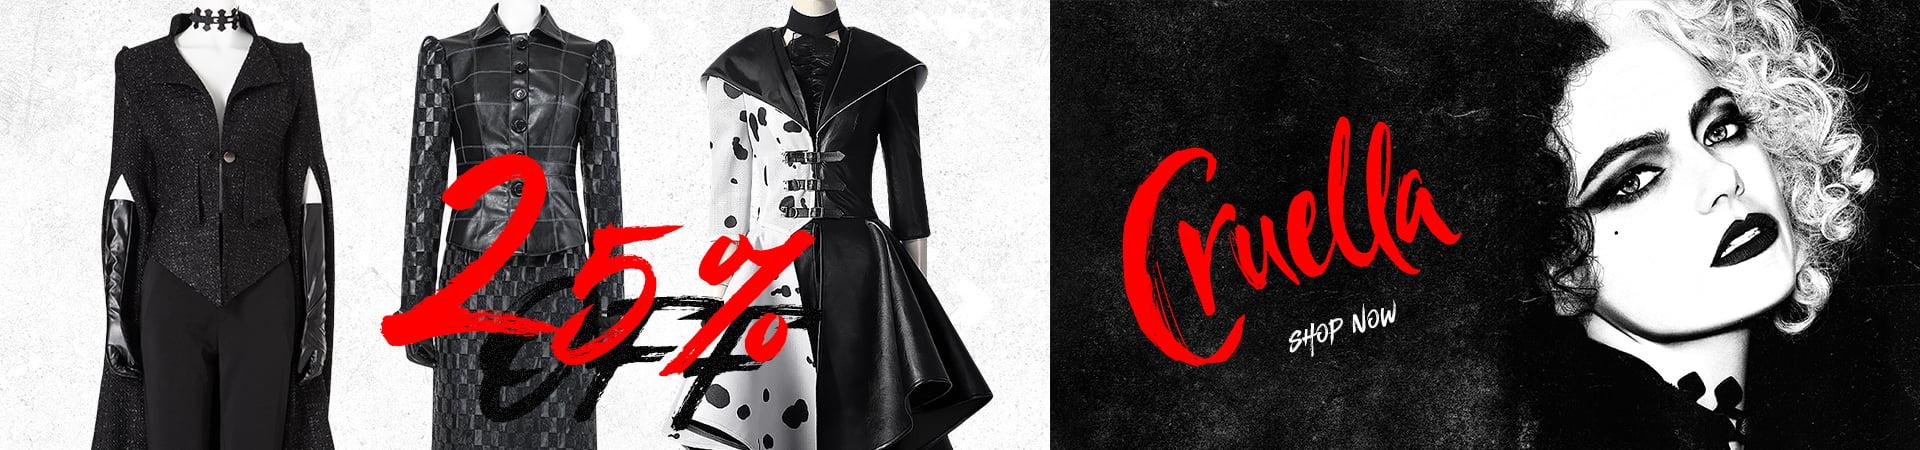 25% Off for Cruella de Vil Cosplay Costumes